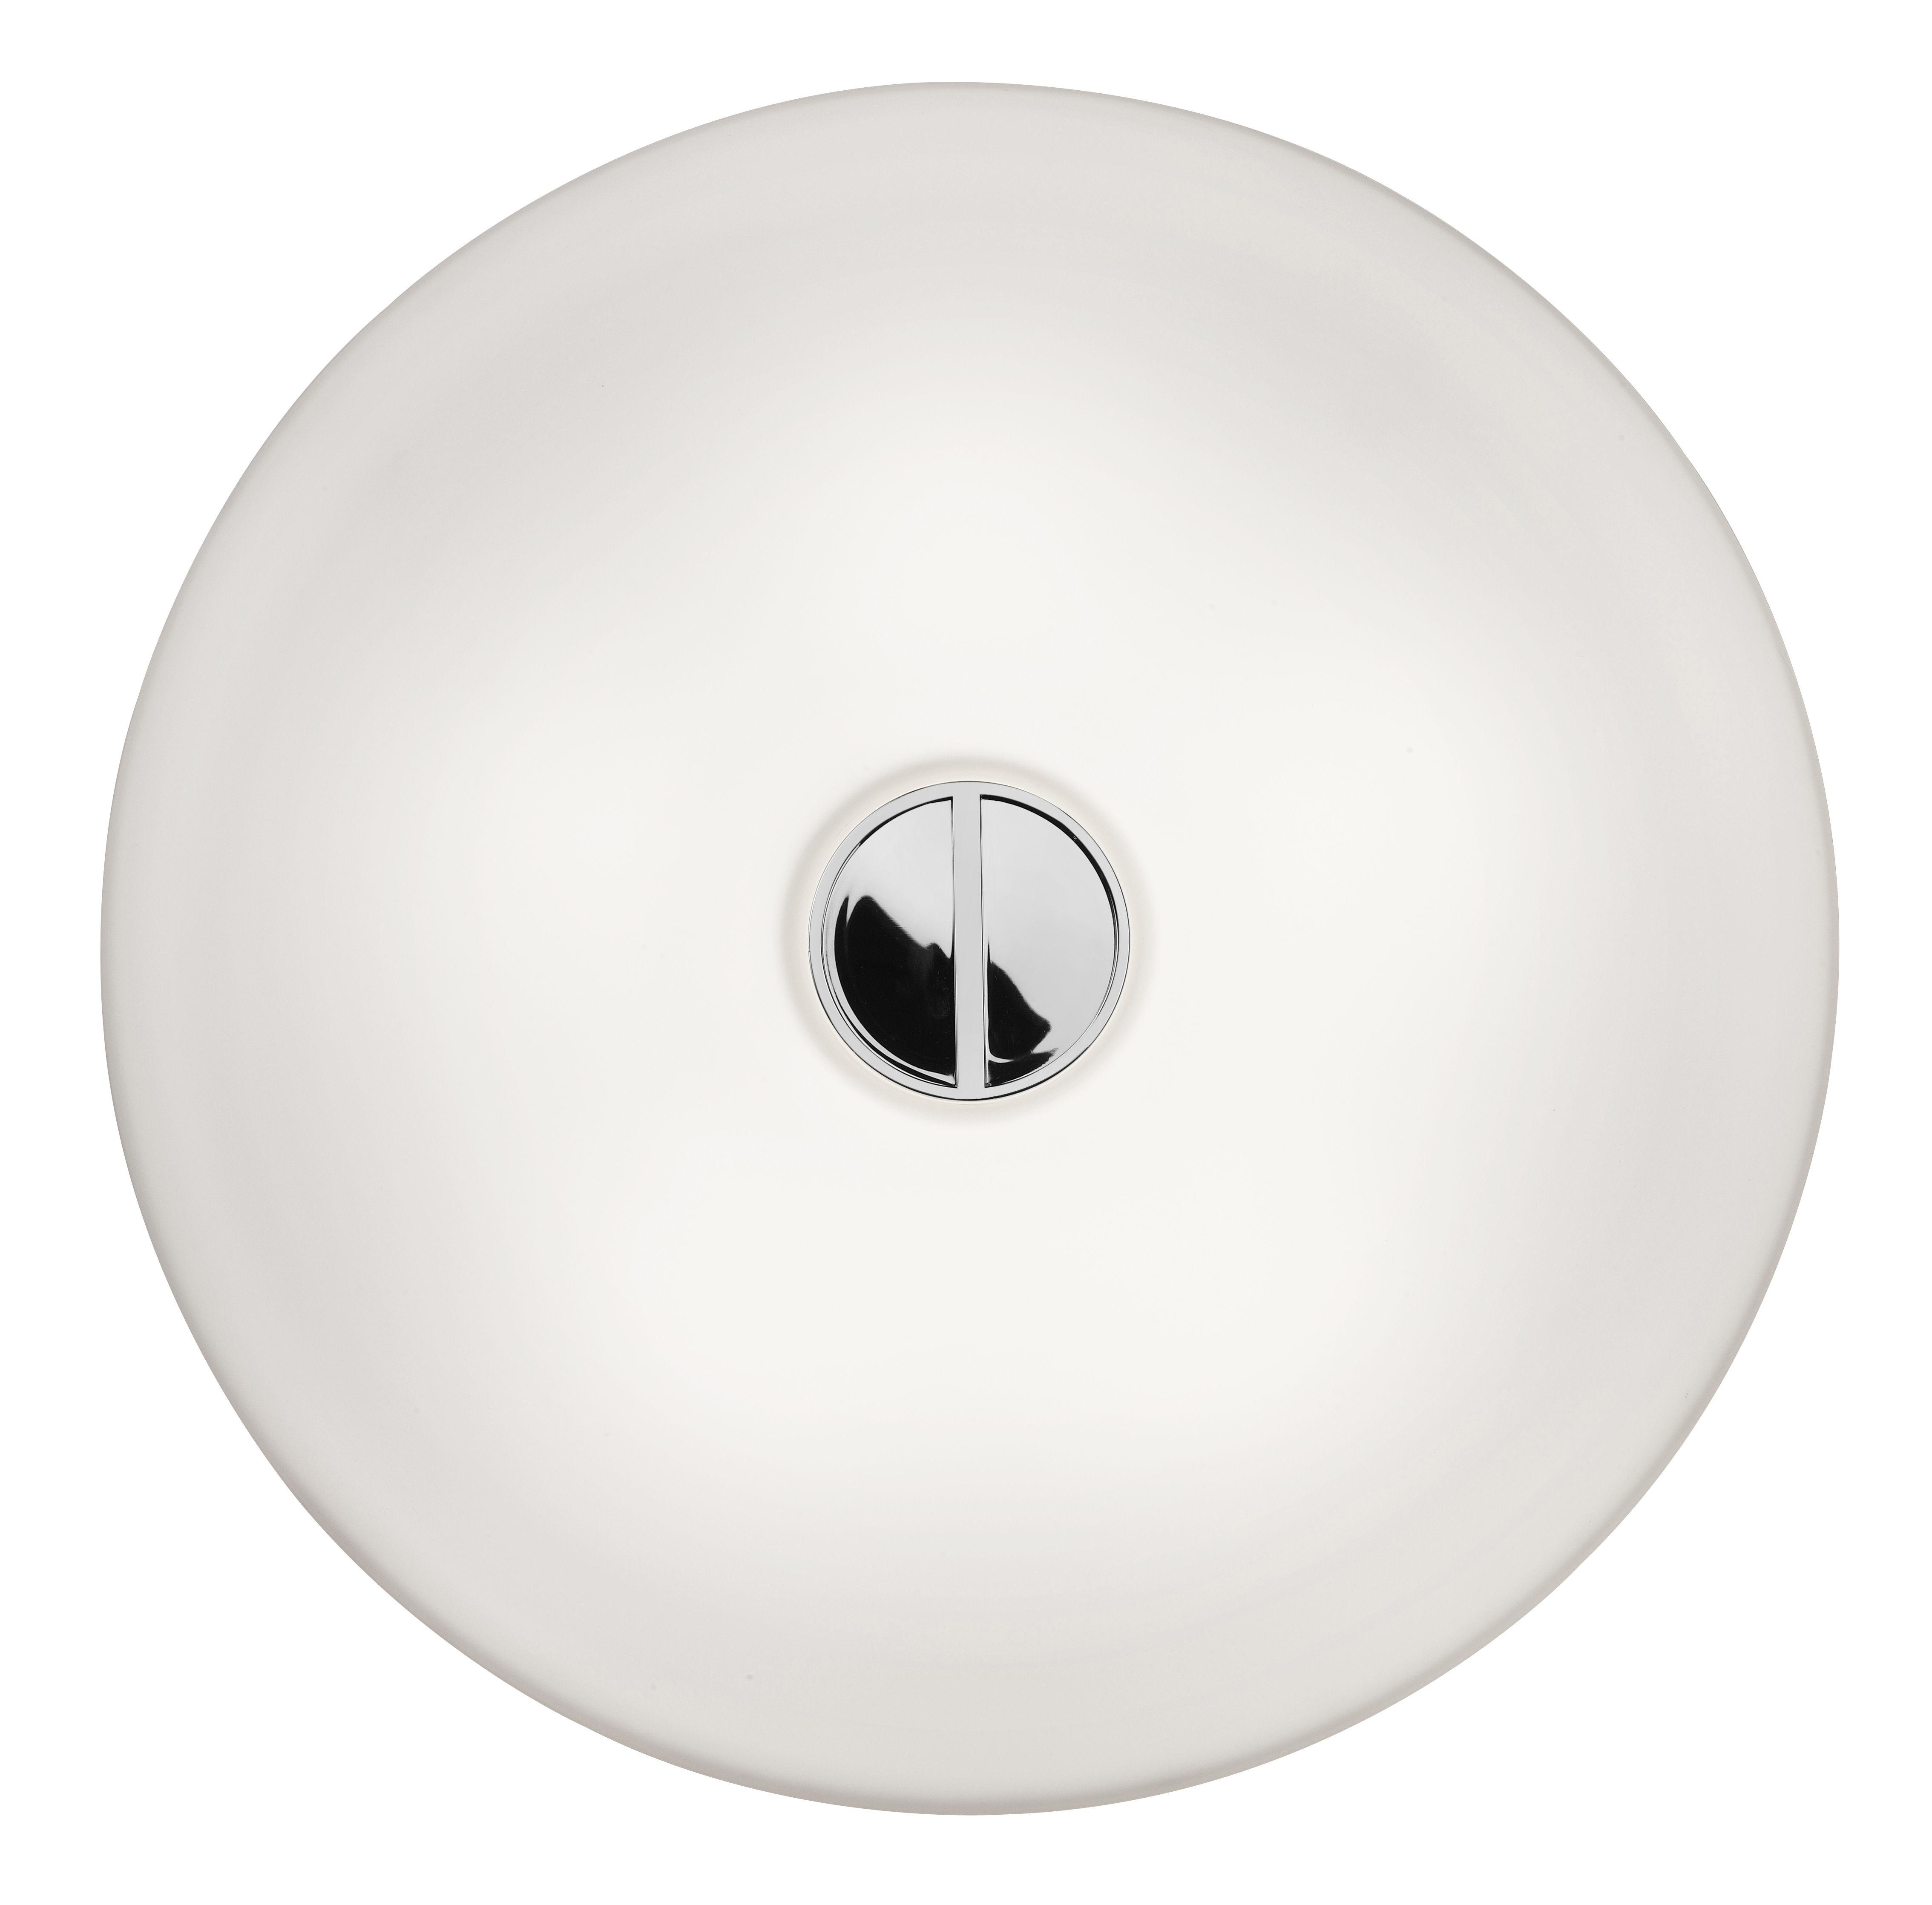 Leuchten - Wandleuchten - Button OUTDOOR Outdoor-Wandleuchte Deckenleuchte - Flos - Weiß / weiß - Polykarbonat